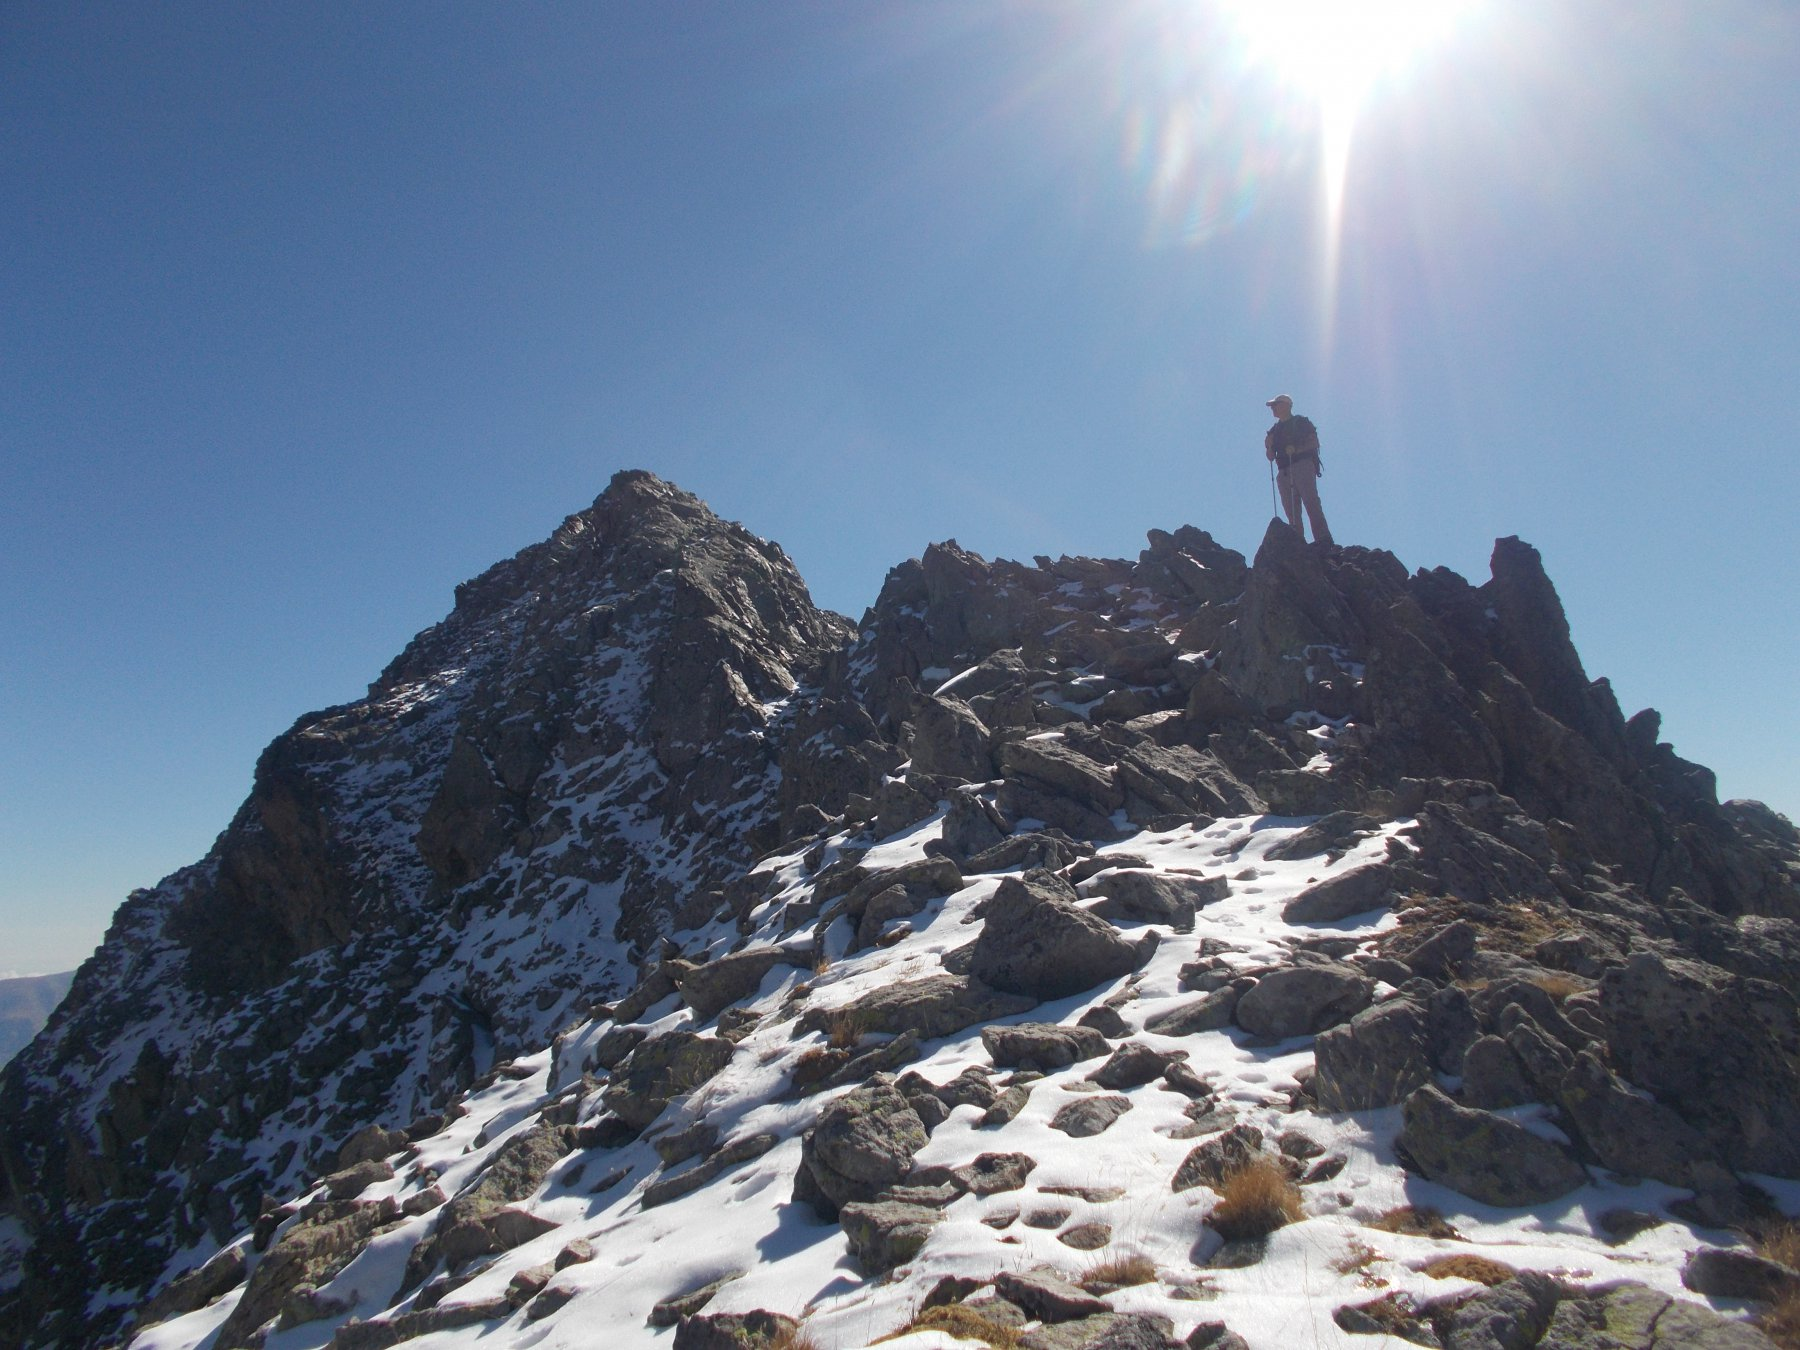 nell'ultimo tratto alpinistico prima della vetta..